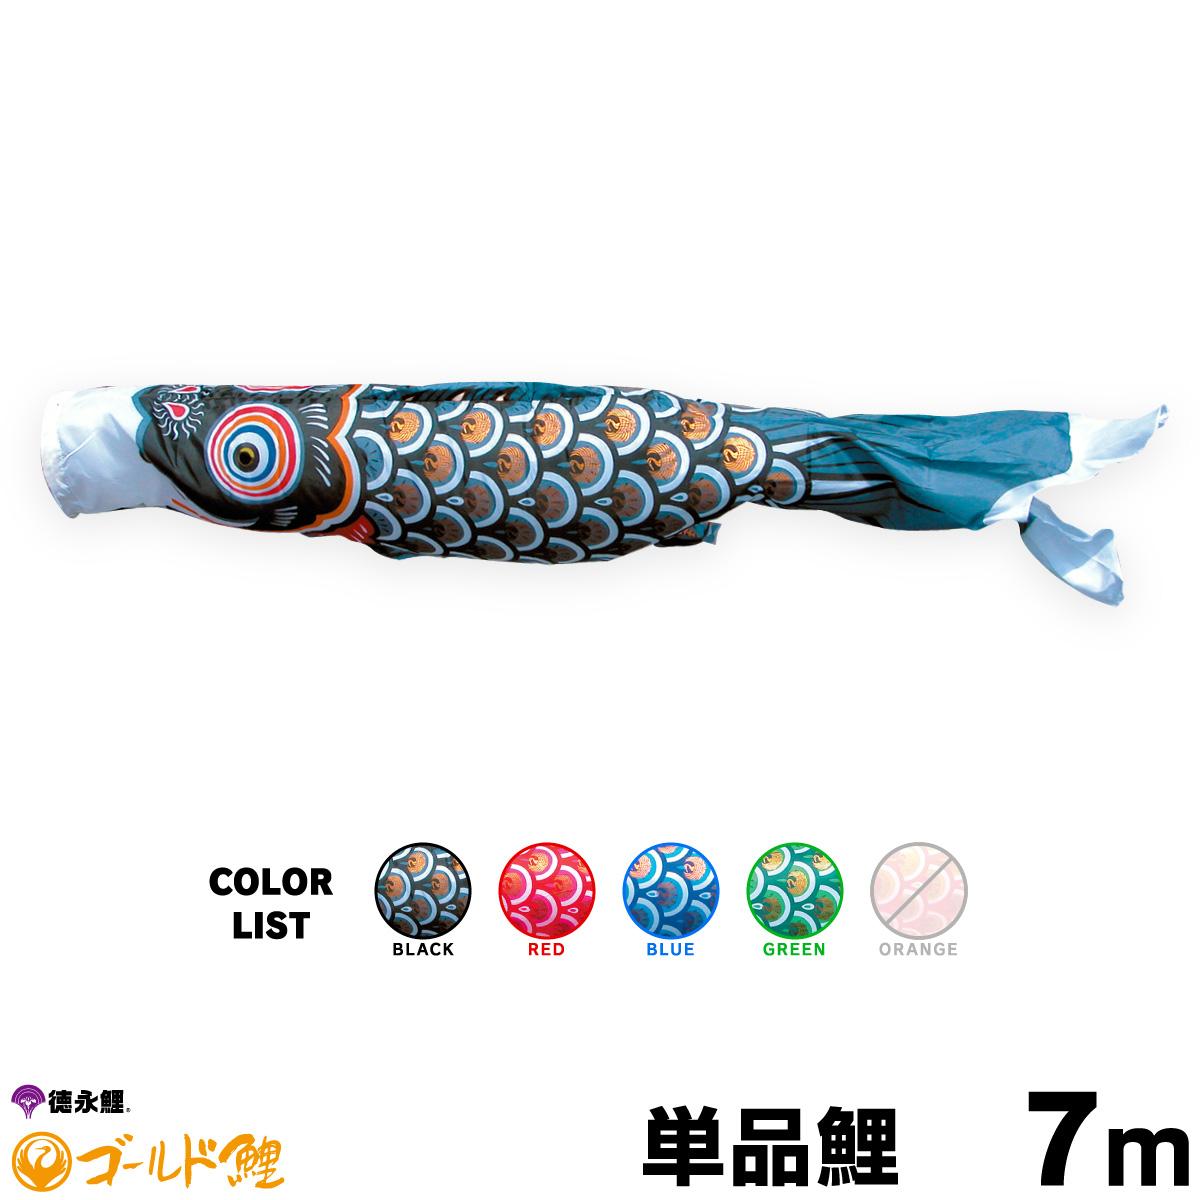 【こいのぼり 単品】 ゴールド鯉 7m 単品鯉 黒 赤 青 緑